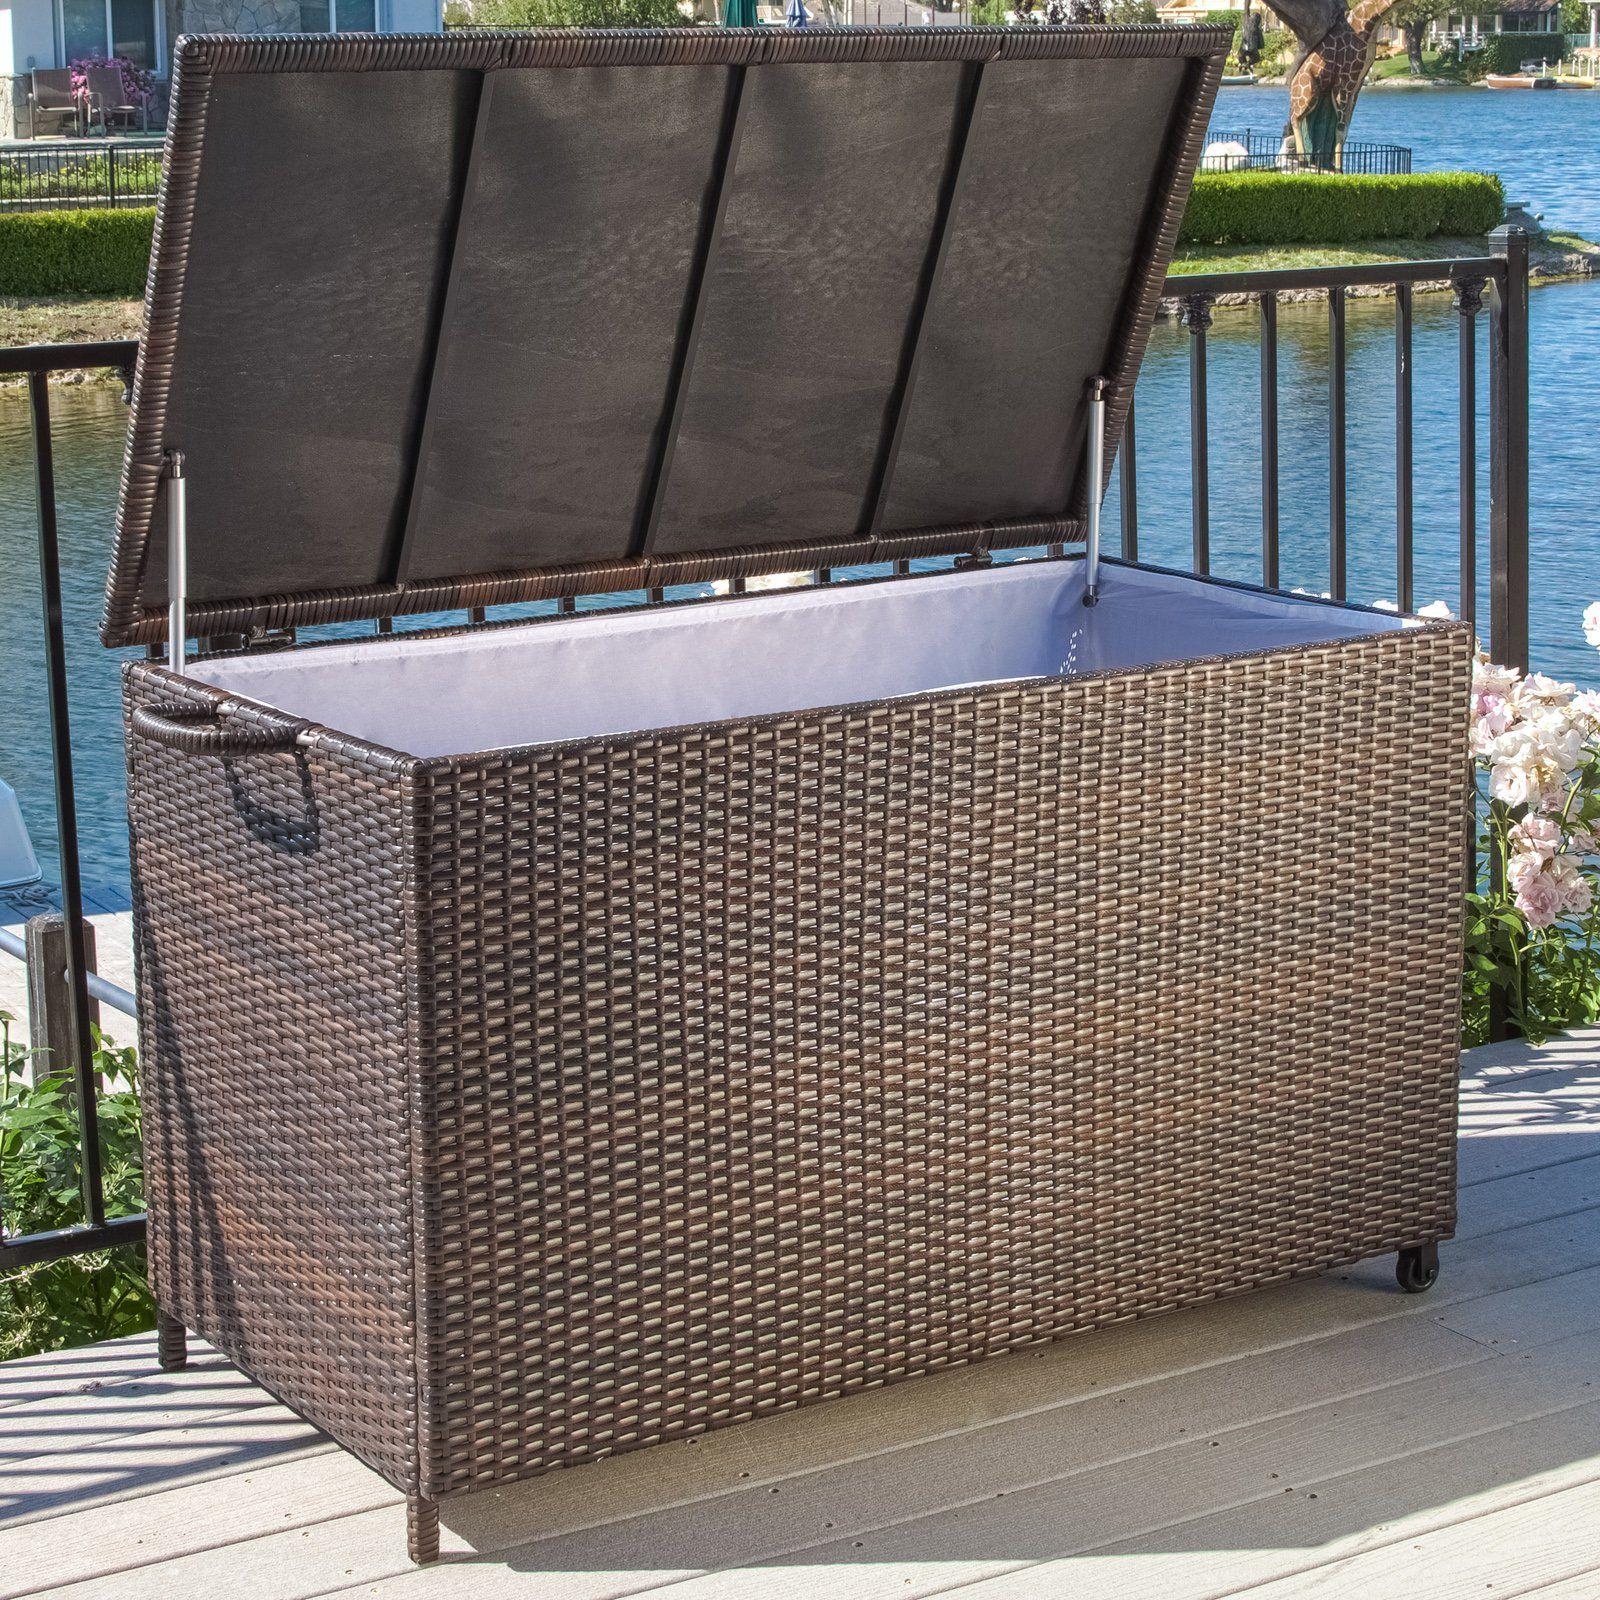 Outdoor Anistan 54 In 150 Gallon Wicker Deck Box Patio Storage Deck Box Home Decor Furniture